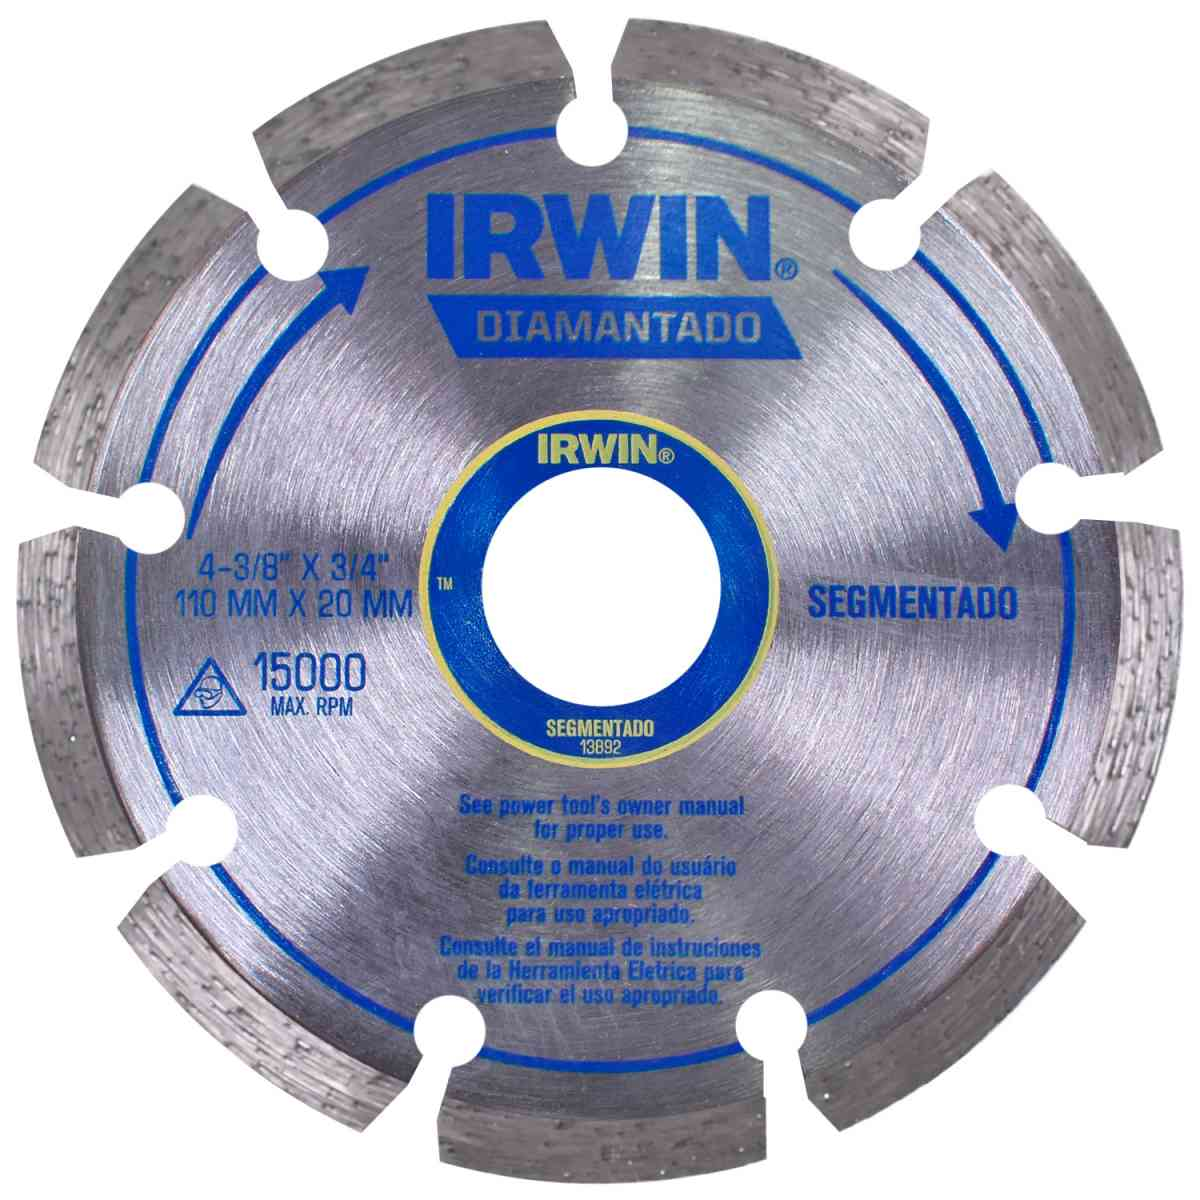 Disco Diamantado Segmentado 110mm X F20 Iw13892 Irwin